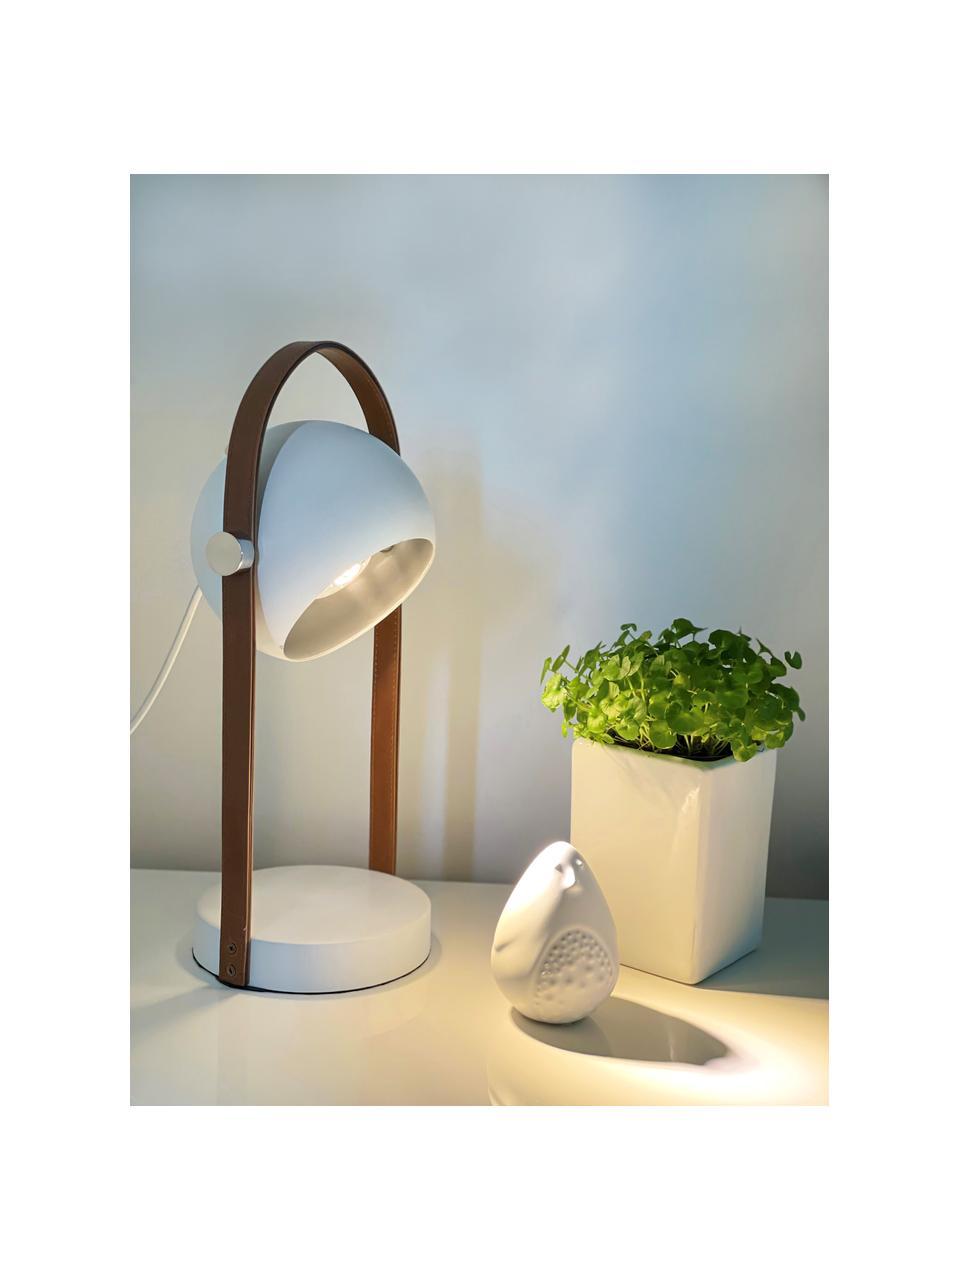 Lampada da tavolo con decoro in pelle Bow, Paralume: metallo rivestito, Struttura: similpelle, Base della lampada: metallo rivestito, Marrone, bianco, Larg. 15 x Lung. 38 cm